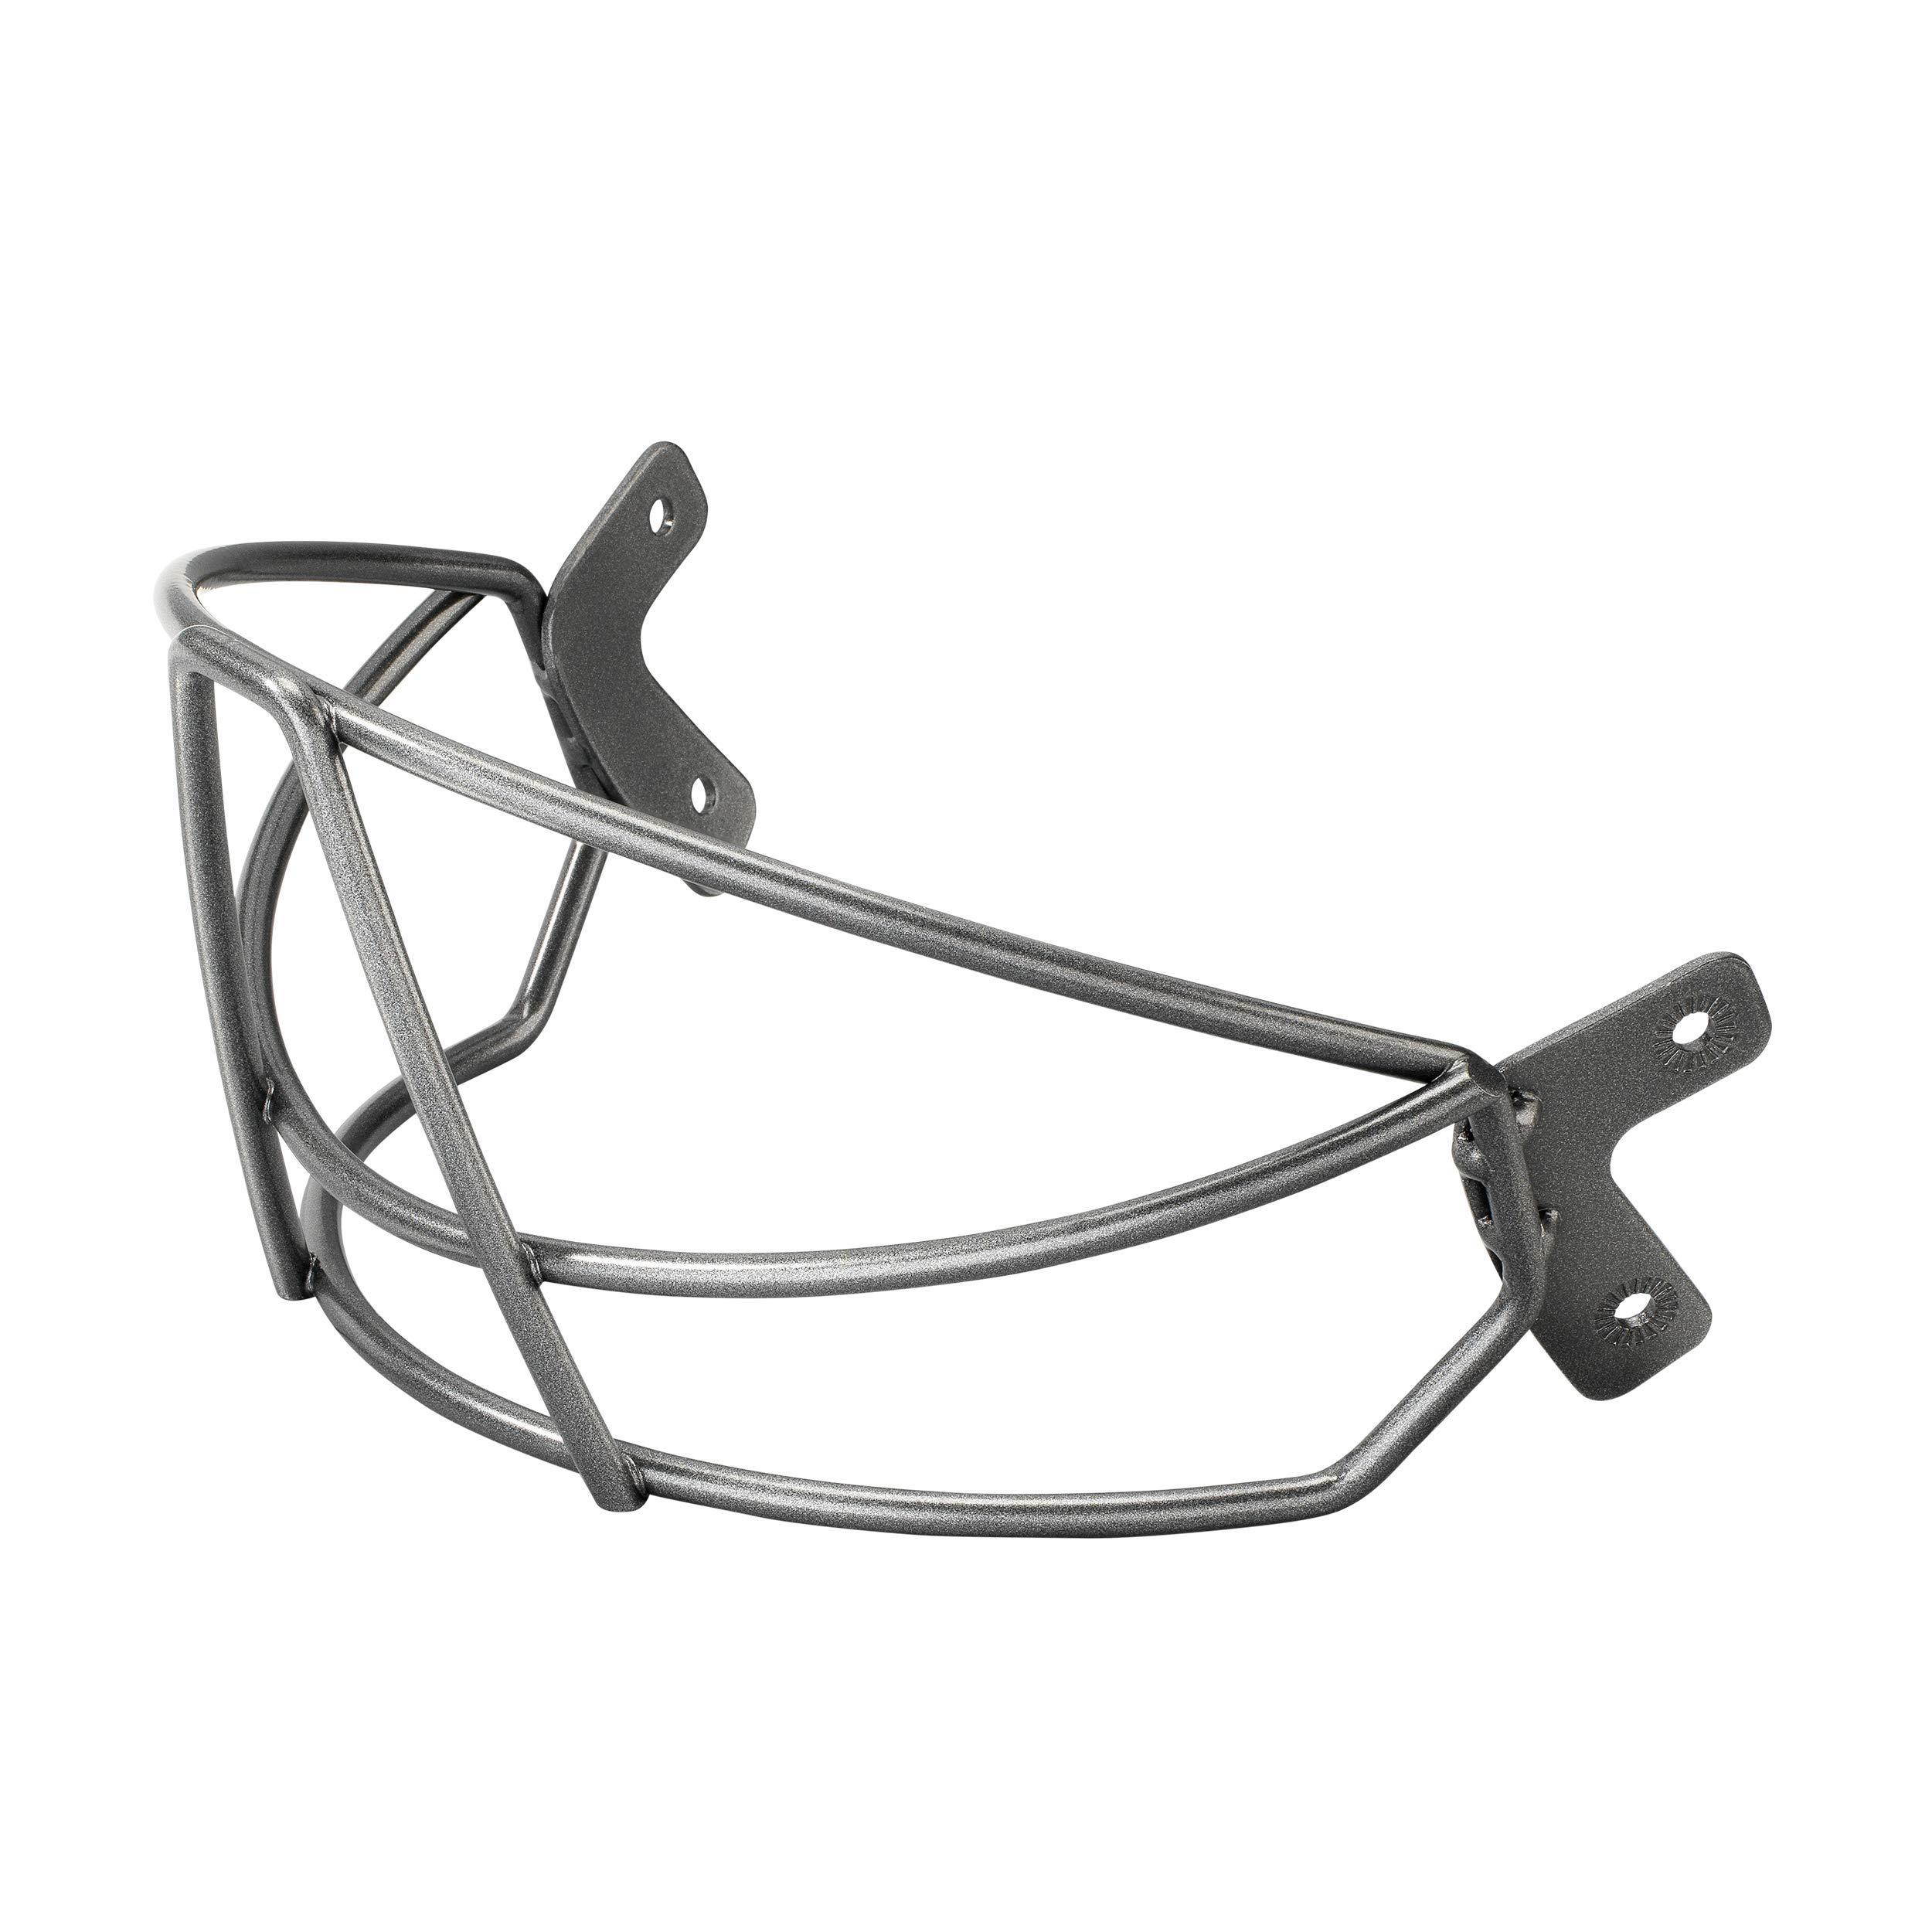 Easton Batting Helmet Chin Strap Black Baseball Softball for sale online